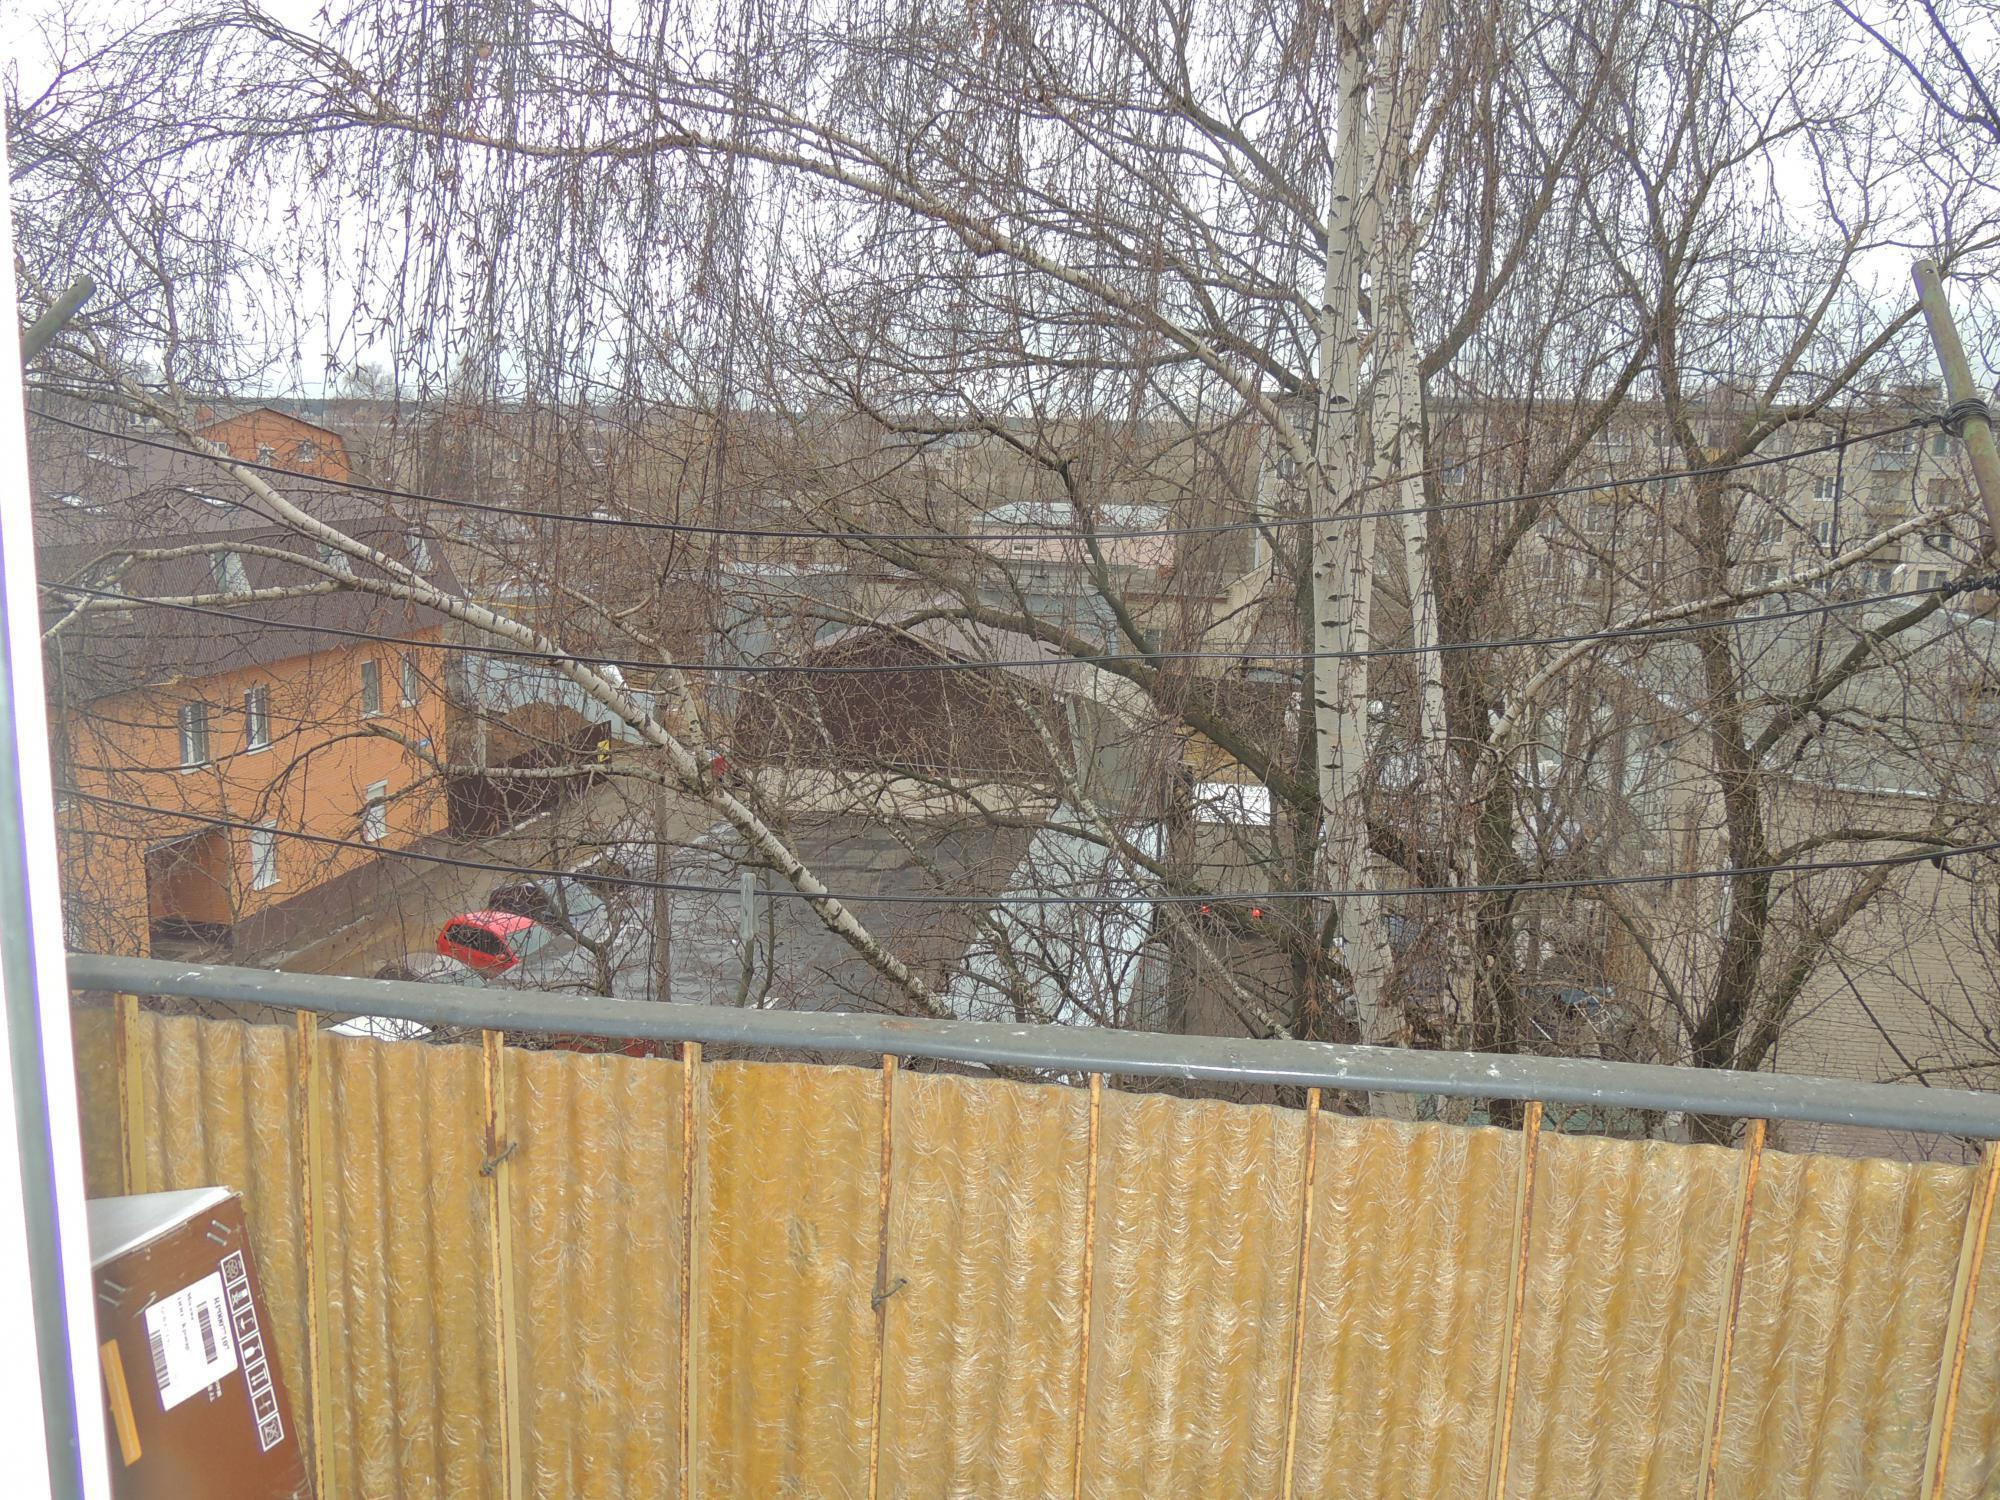 бытовой вакансии в монино щелковского района московской области могут быть авторы